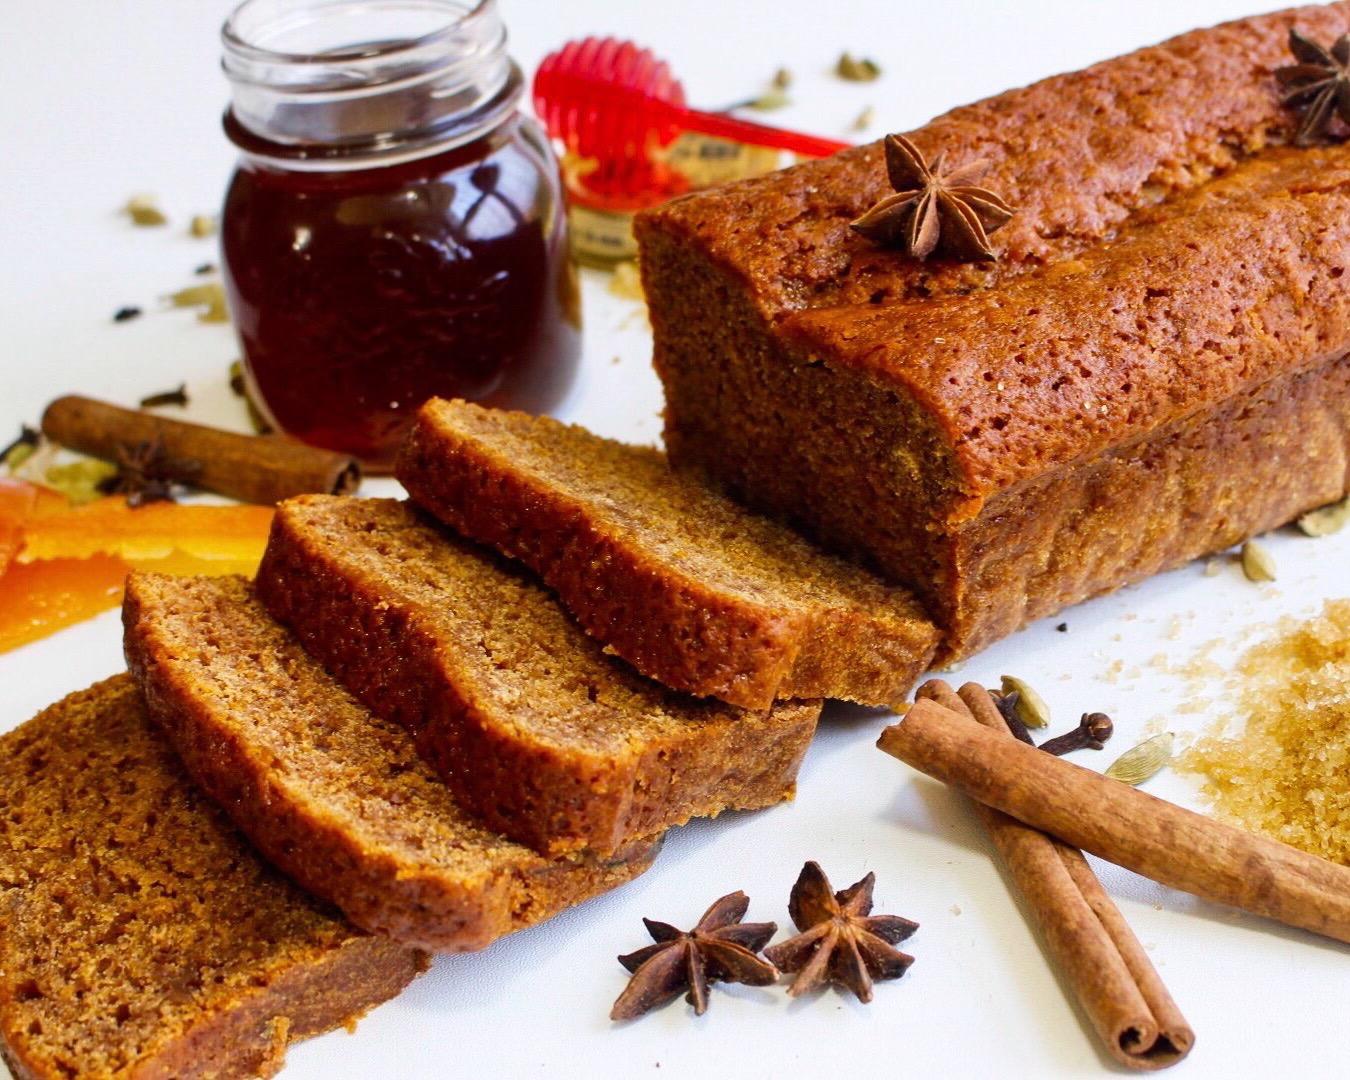 le meilleur pain d'épices de thierry mulhaupt